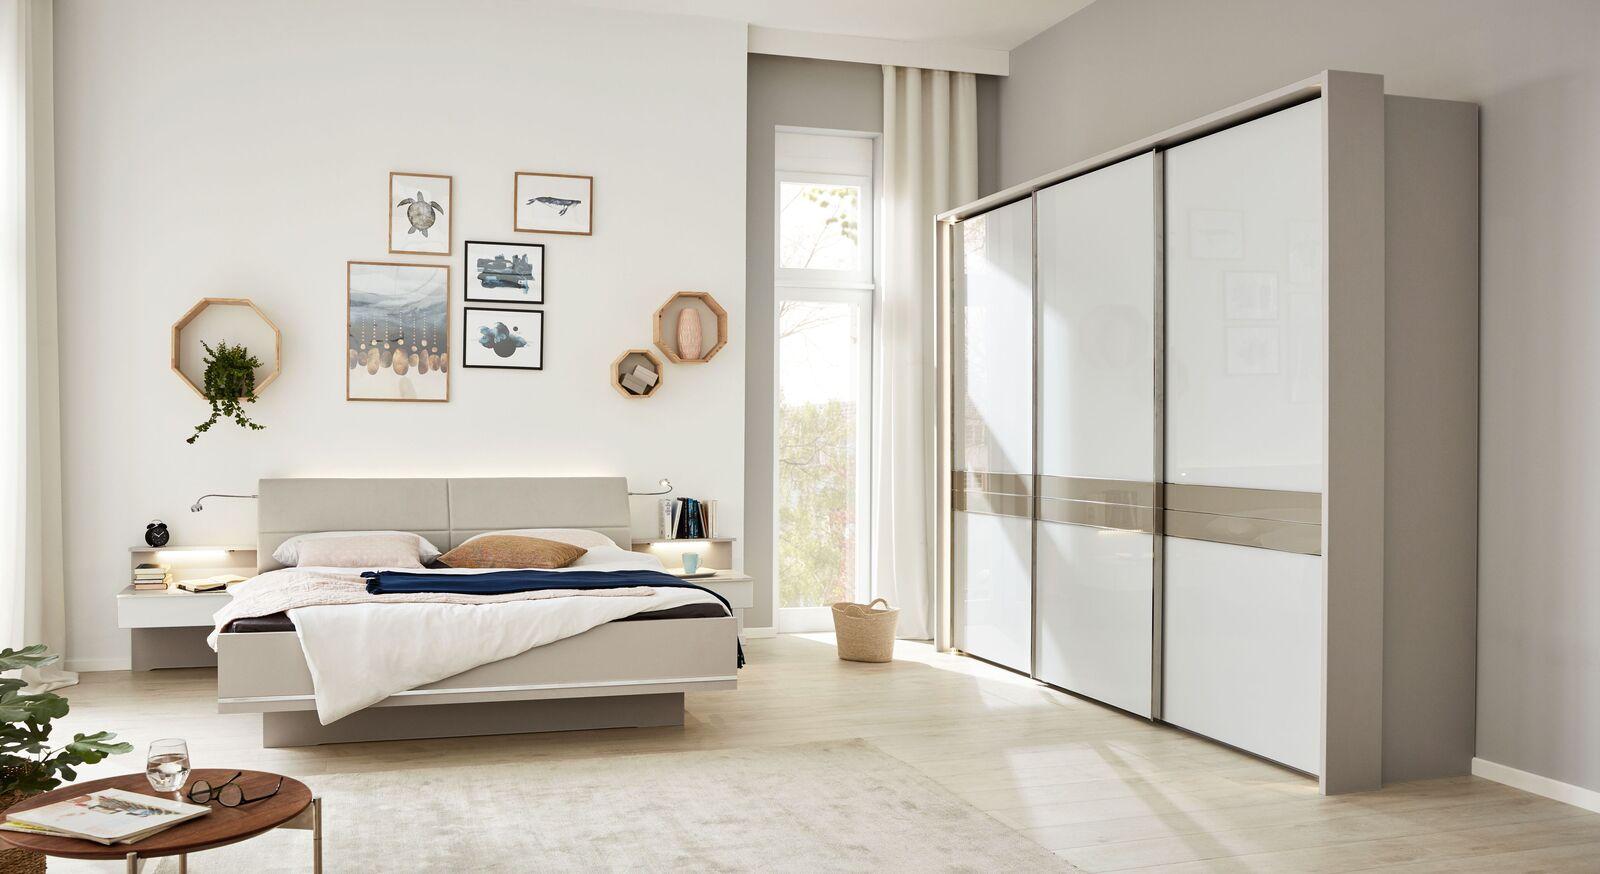 INTERLIVING Schlafzimmer 1009 mit Schwebetüren-Kleiderschrank und Bett in Schwebeoptik